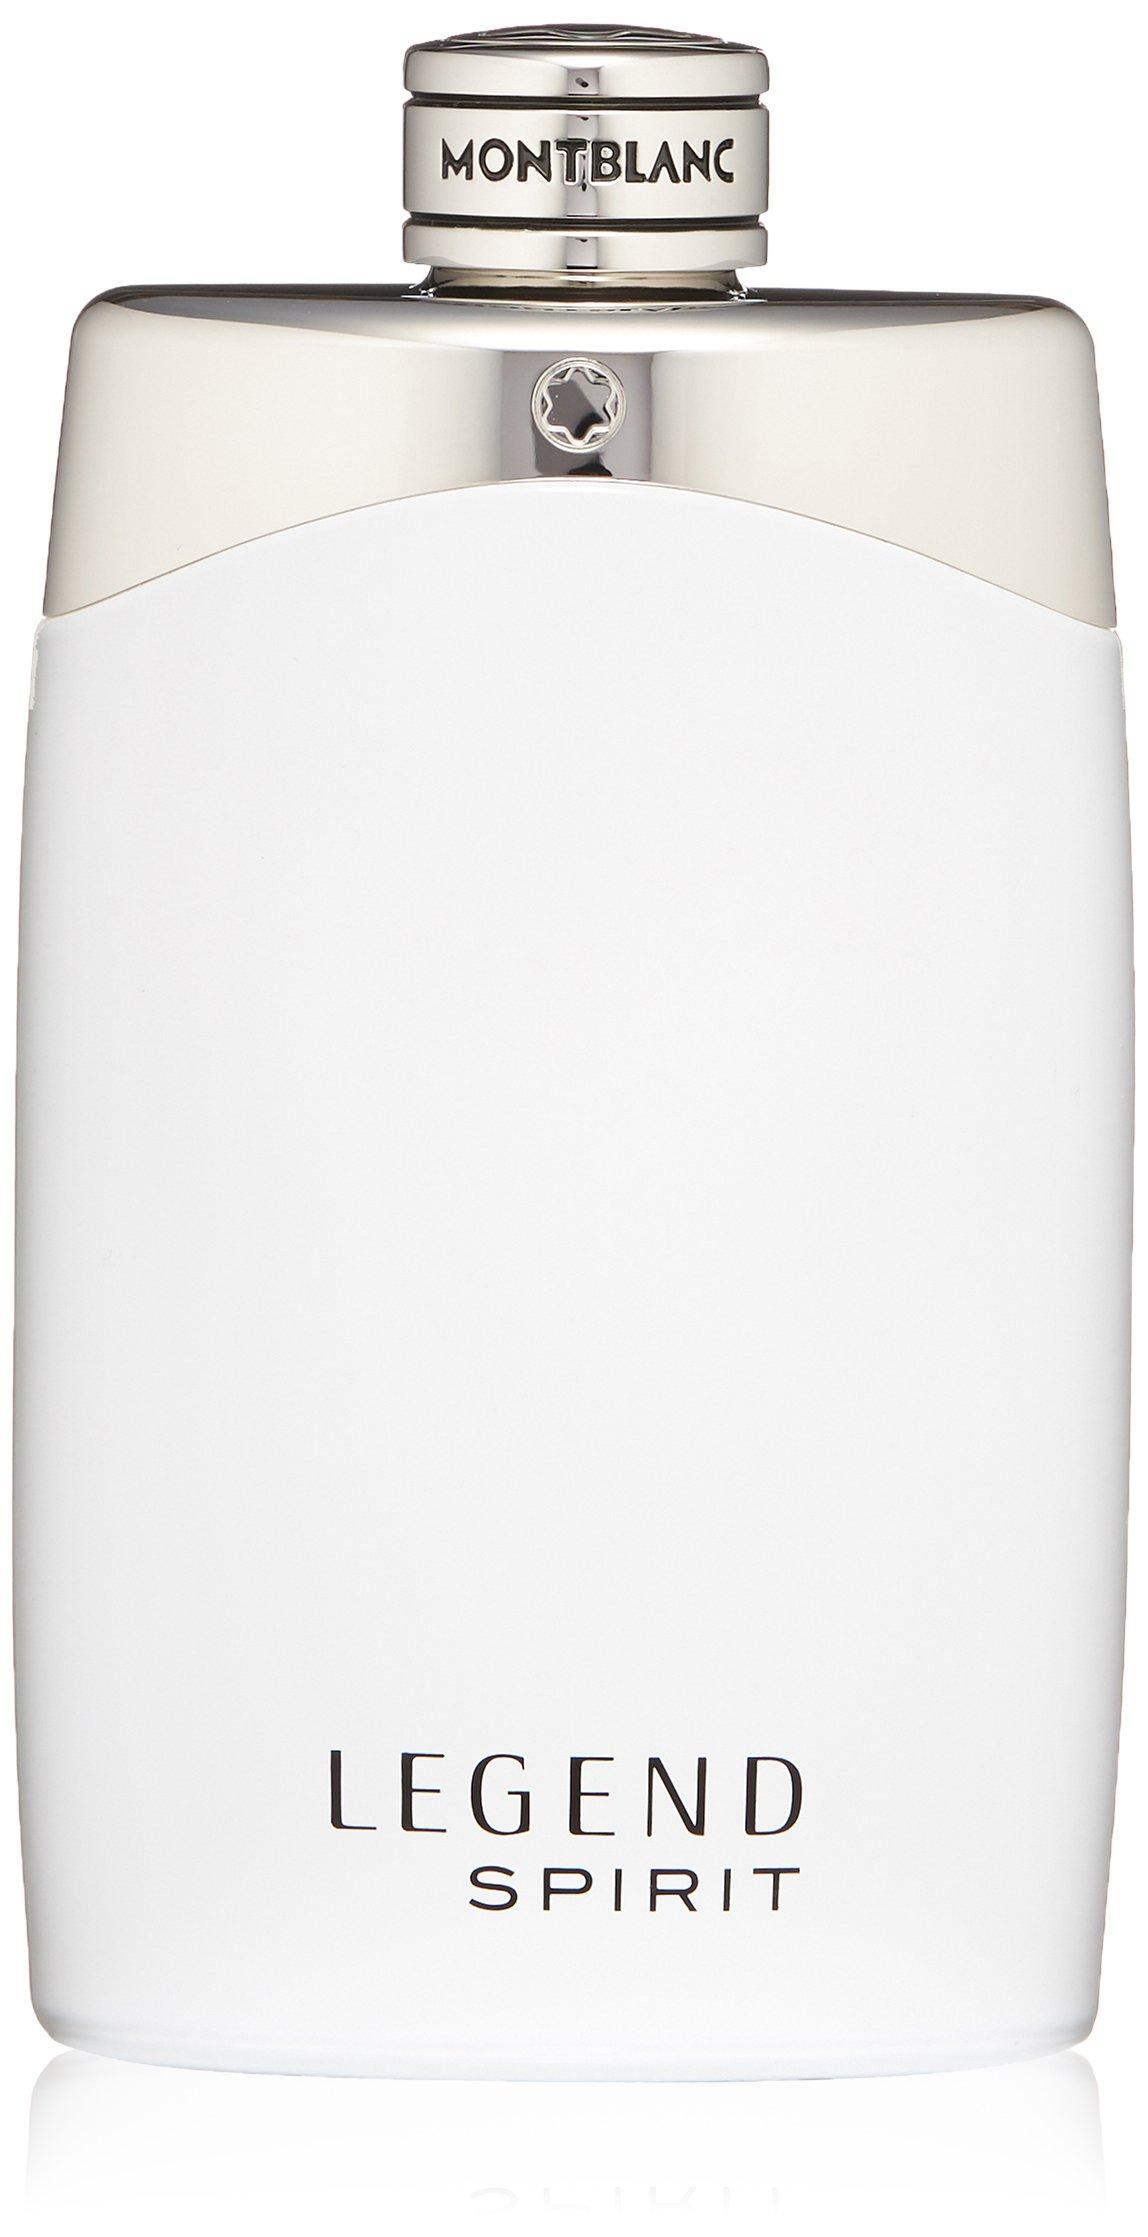 MONTBLANC  Legend Spirit Eau De Toilette, 6.7 fl. oz.